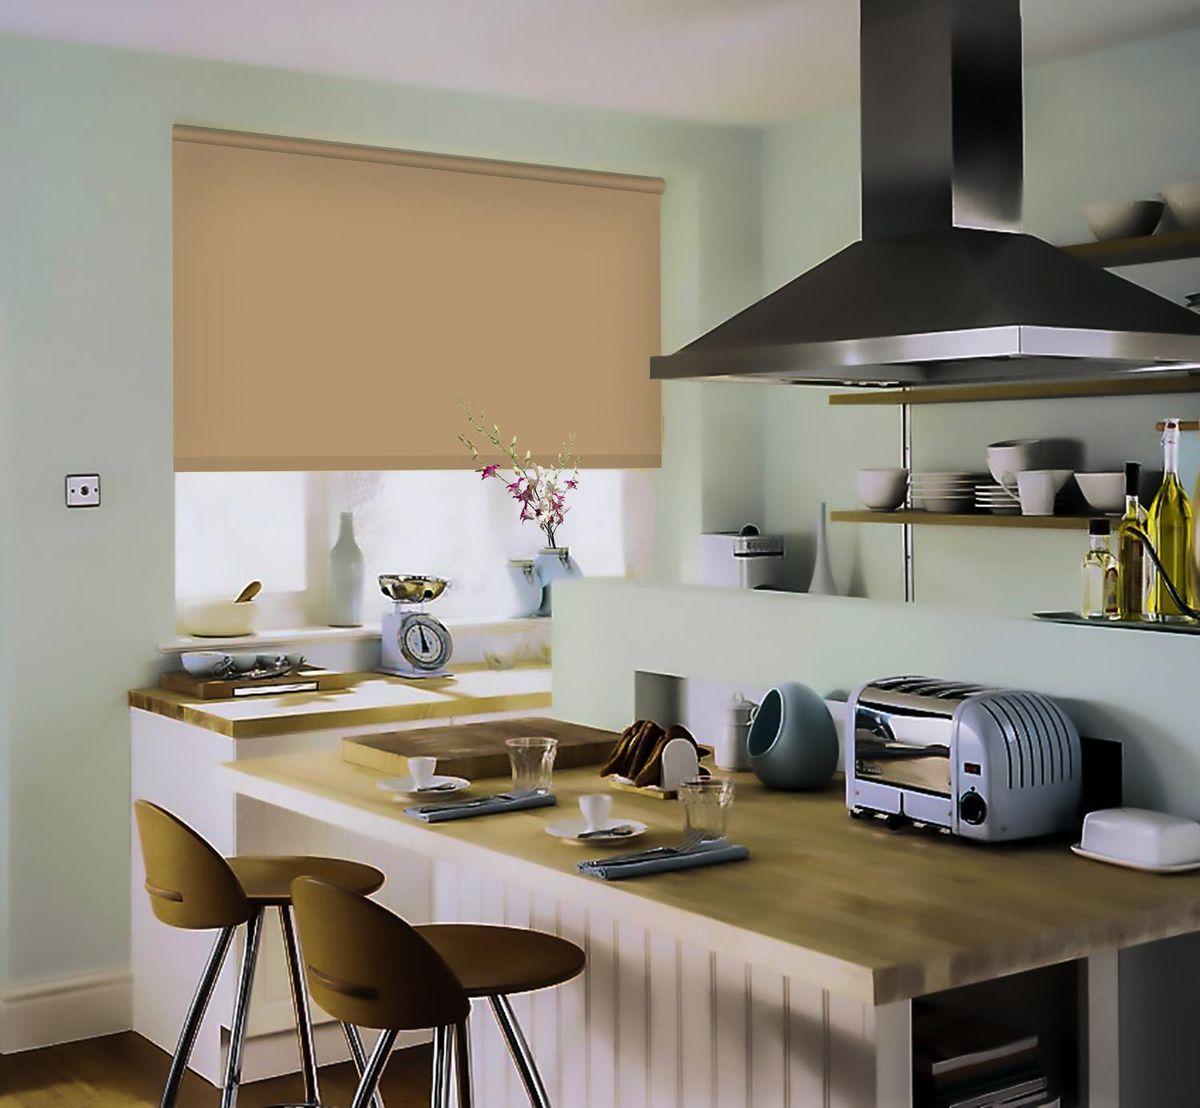 Штора рулонная Эскар, цвет: темно-бежевый, ширина 160 см, высота 170 см81209160170Рулонными шторами можно оформлять окна как самостоятельно, так и использовать в комбинации с портьерами. Это поможет предотвратить выгорание дорогой ткани на солнце и соединит функционал рулонных с красотой навесных. Преимущества применения рулонных штор для пластиковых окон: - имеют прекрасный внешний вид: многообразие и фактурность материала изделия отлично смотрятся в любом интерьере; - многофункциональны: есть возможность подобрать шторы способные эффективно защитить комнату от солнца, при этом она не будет слишком темной. - Есть возможность осуществить быстрый монтаж. ВНИМАНИЕ! Размеры ширины изделия указаны по ширине ткани! Во время эксплуатации не рекомендуется полностью разматывать рулон, чтобы не оторвать ткань от намоточного вала. В случае загрязнения поверхности ткани, чистку шторы проводят одним из способов, в зависимости от типа загрязнения: легкое поверхностное загрязнение можно удалить при помощи канцелярского ластика; чистка от пыли производится сухим методом при...